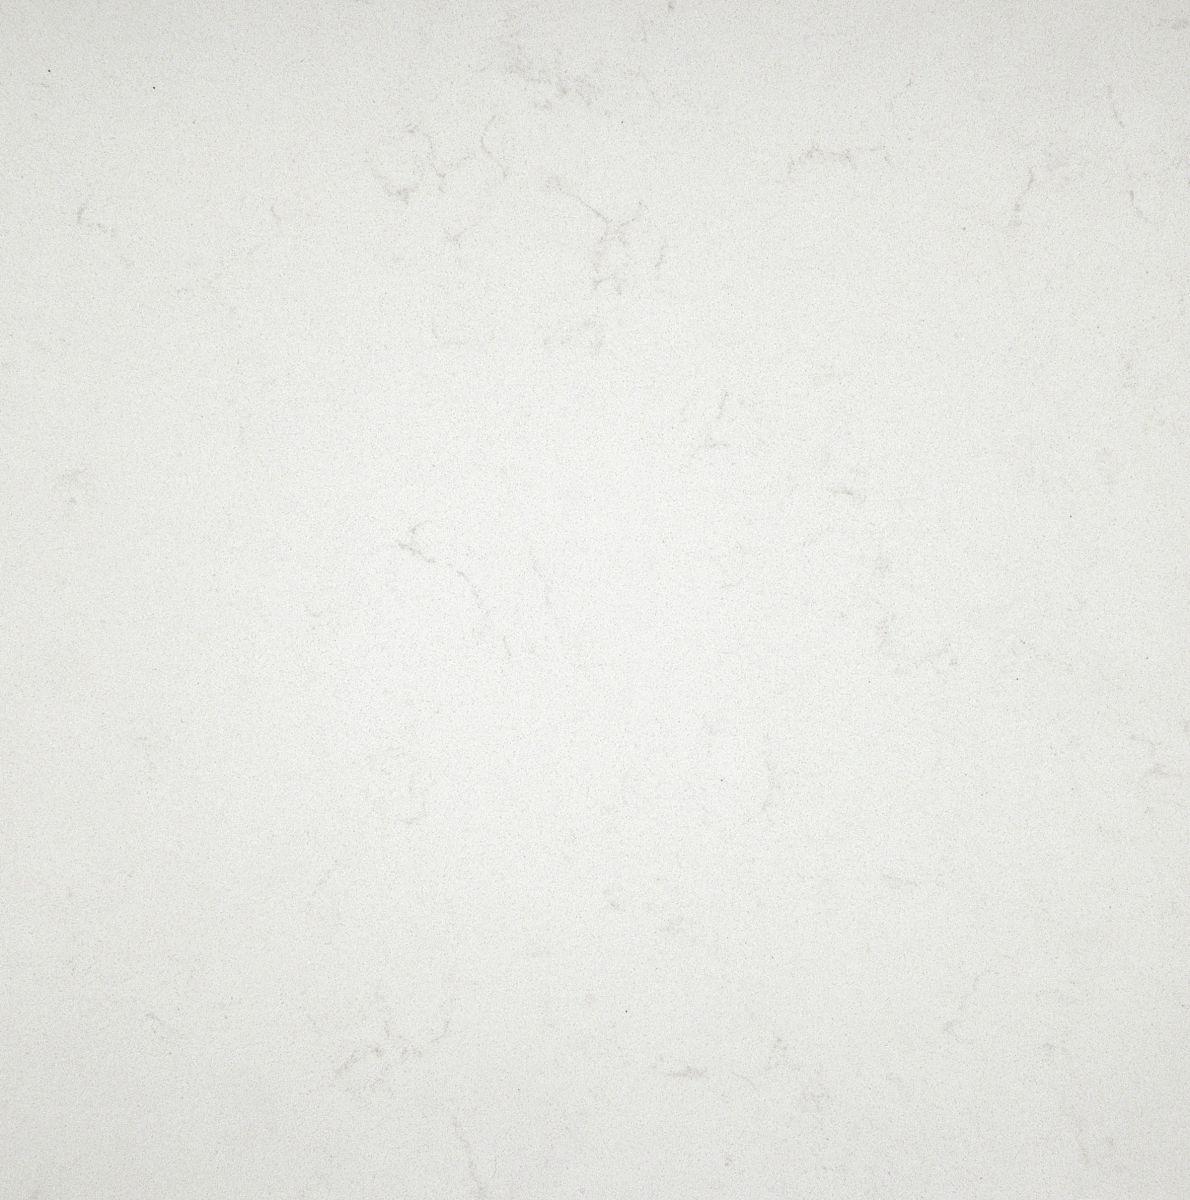 SUPREME WHITE GRANITE SLAB 30MM